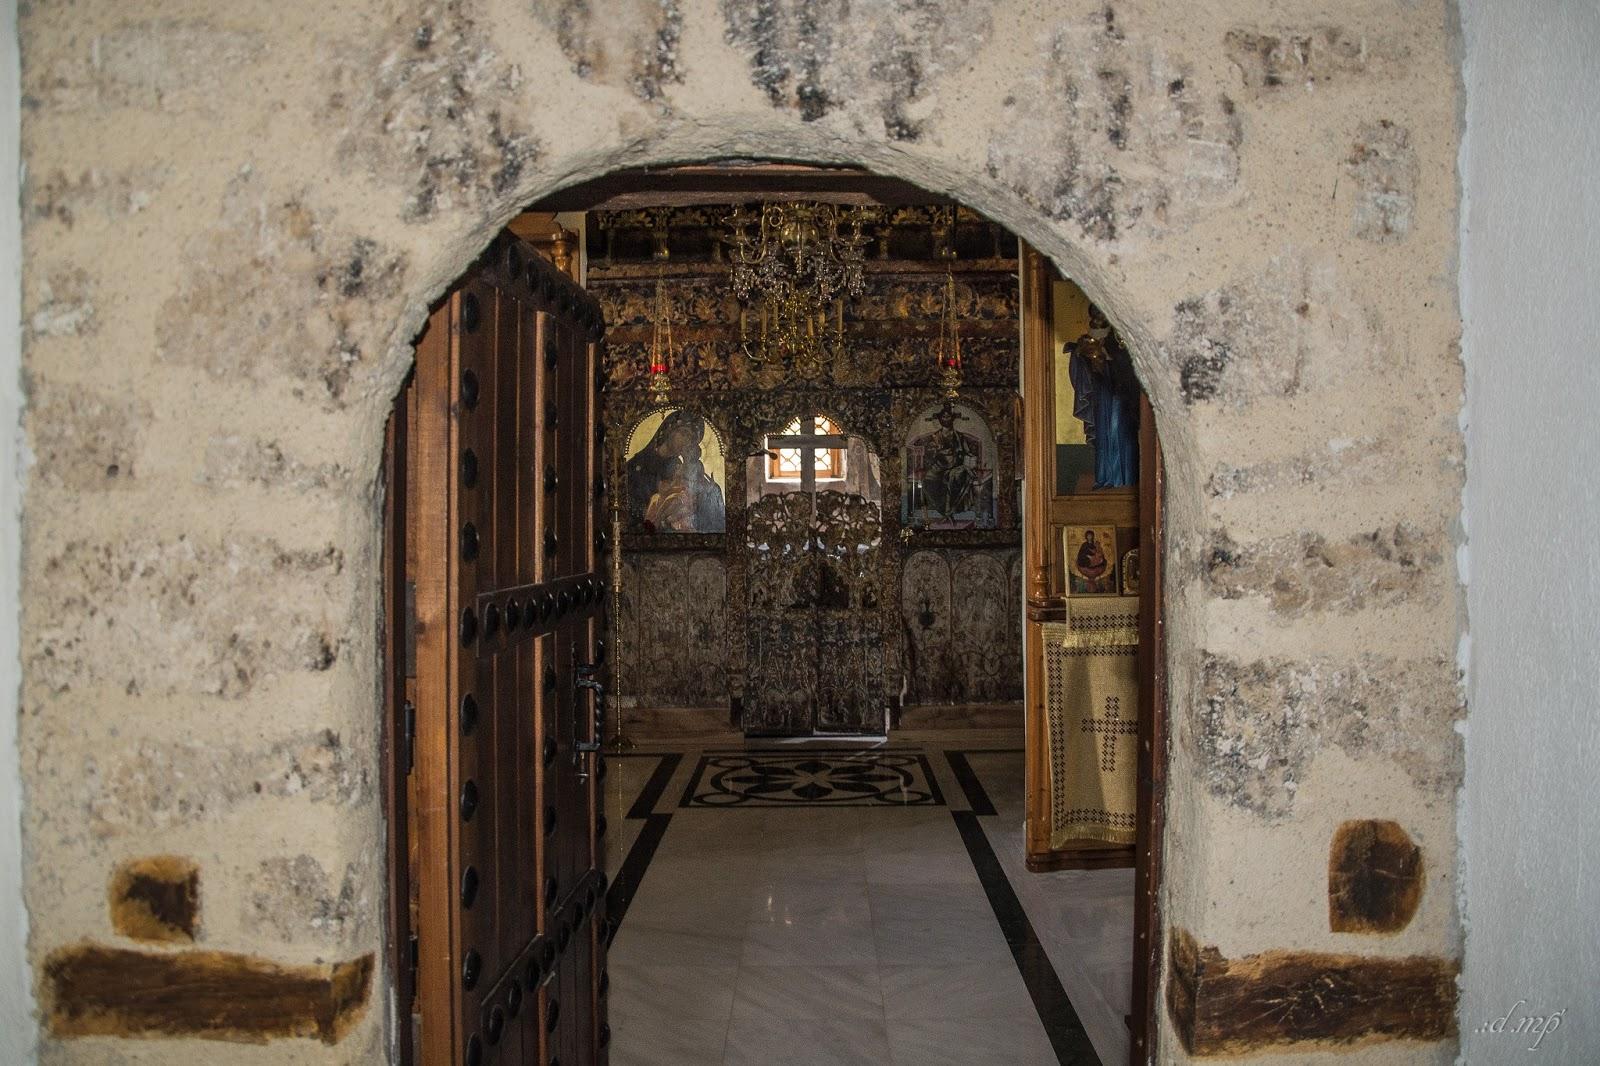 Είσοδος Ναού Ι.Μ.Αγίας Παρασκευής Δομαβιστίου © Διονύσης Μπόσιακας